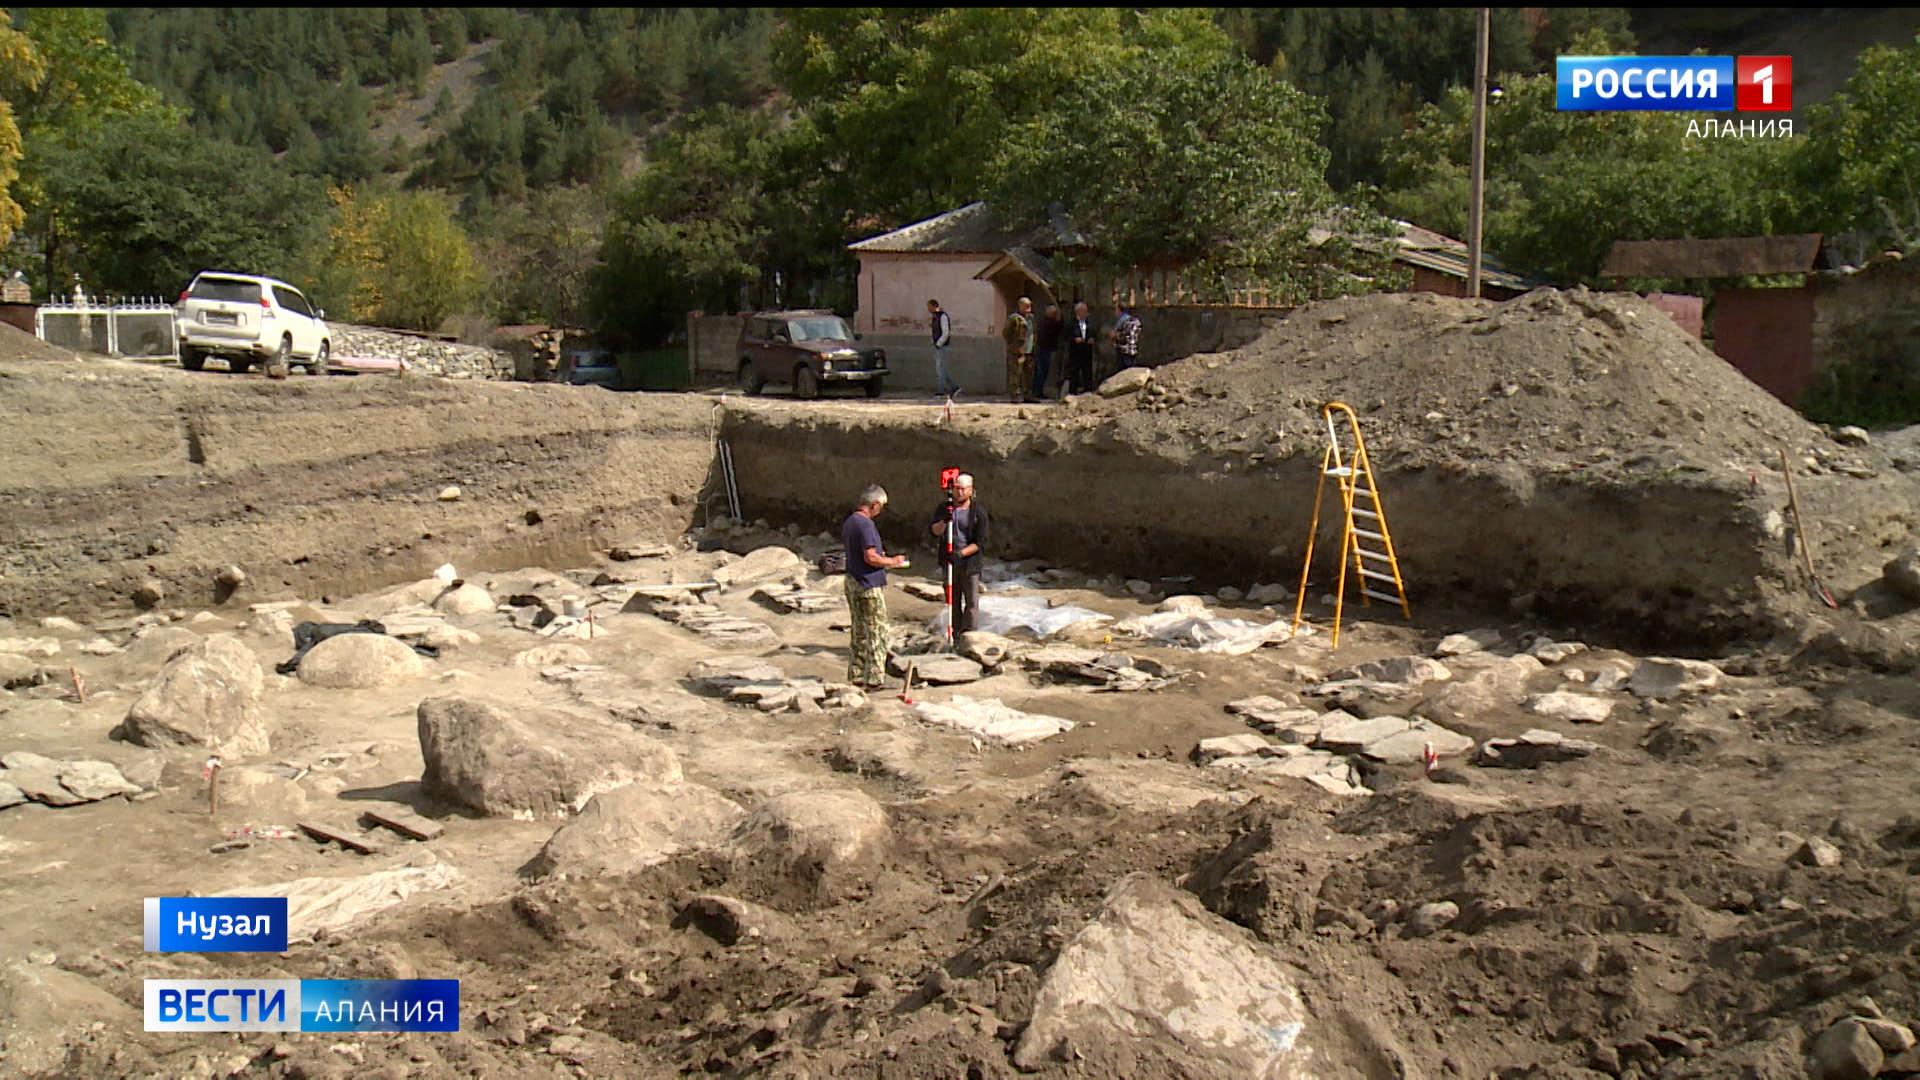 Полноценно обработав артефакты, археологическая экспедиция передаст их  Нацмузею — руководитель ГБУ «Наследие Алании»